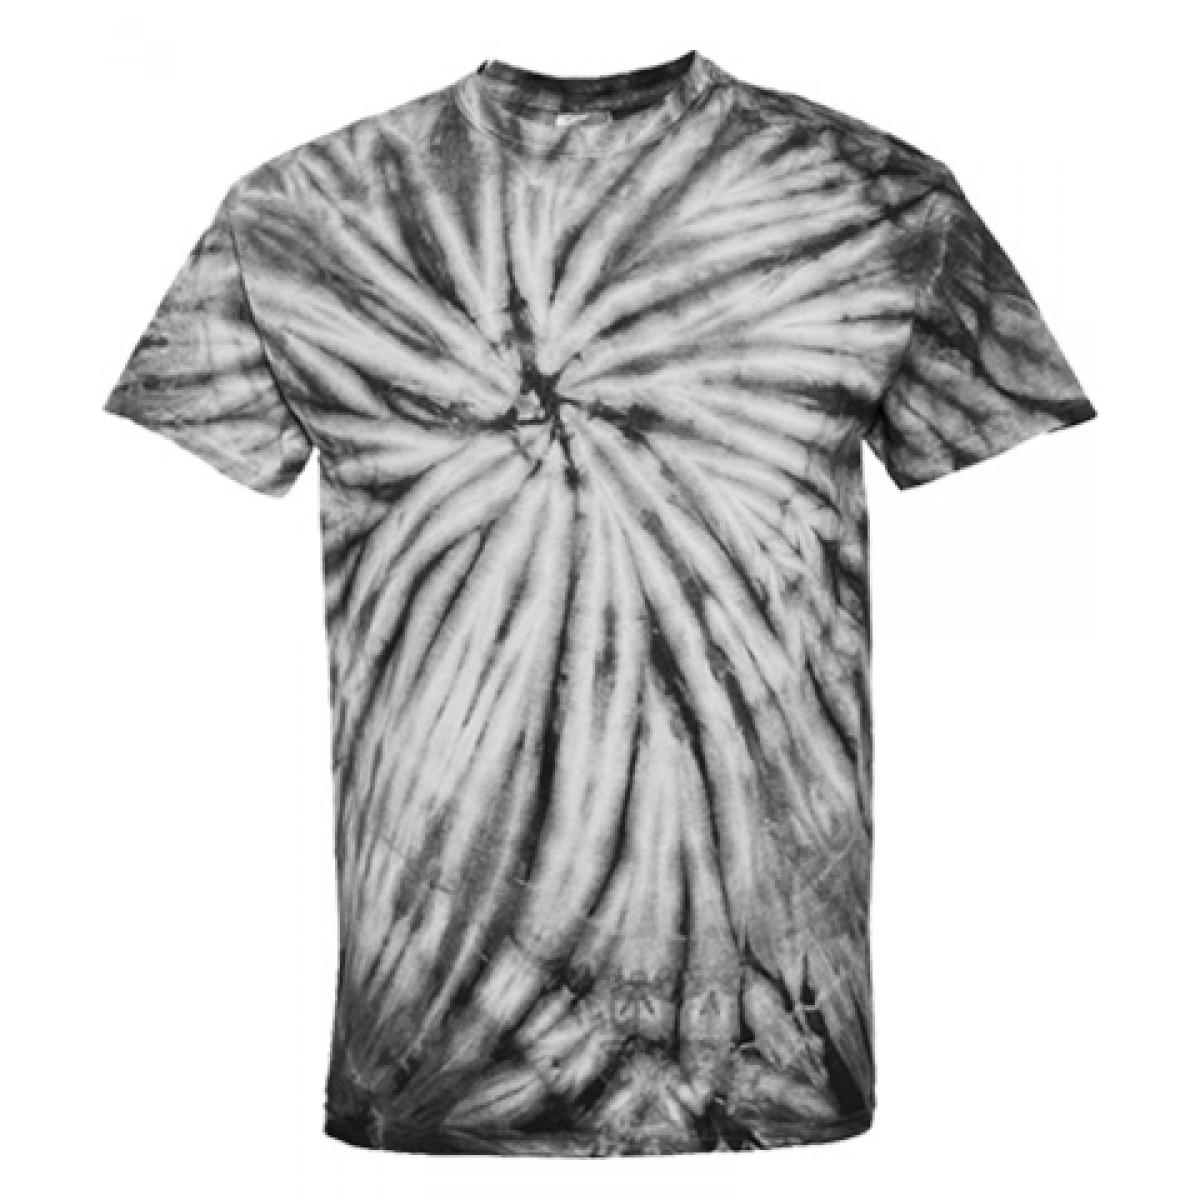 Tie-Dye Short Sleeve Black